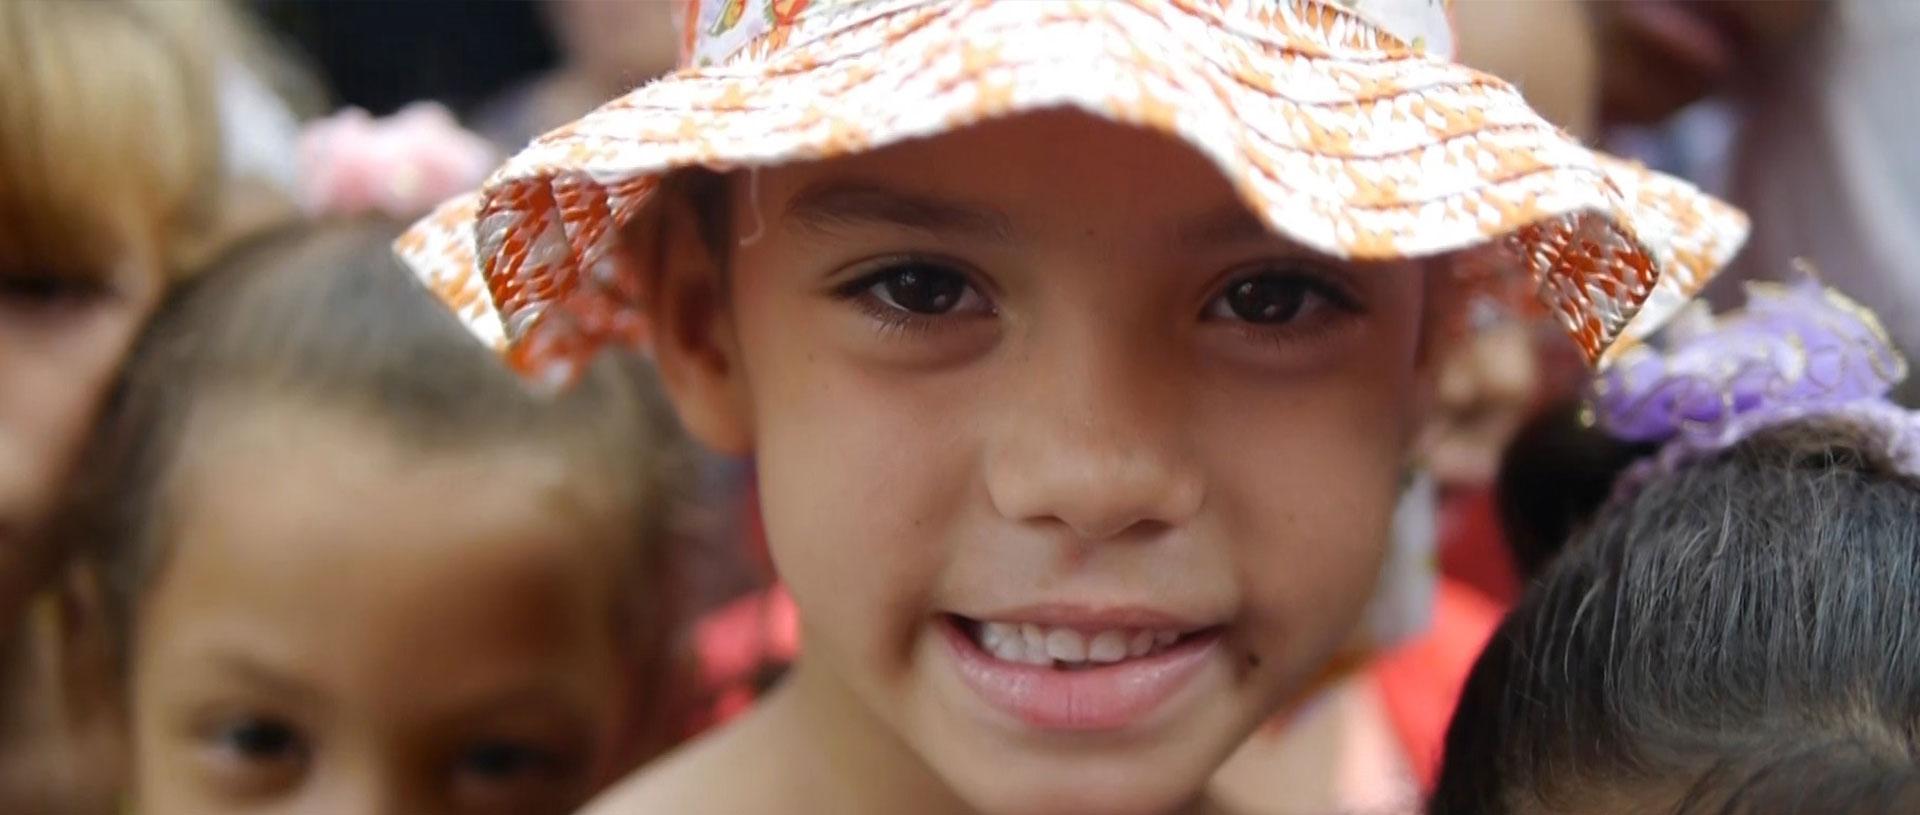 Cuba Blog Hero Image